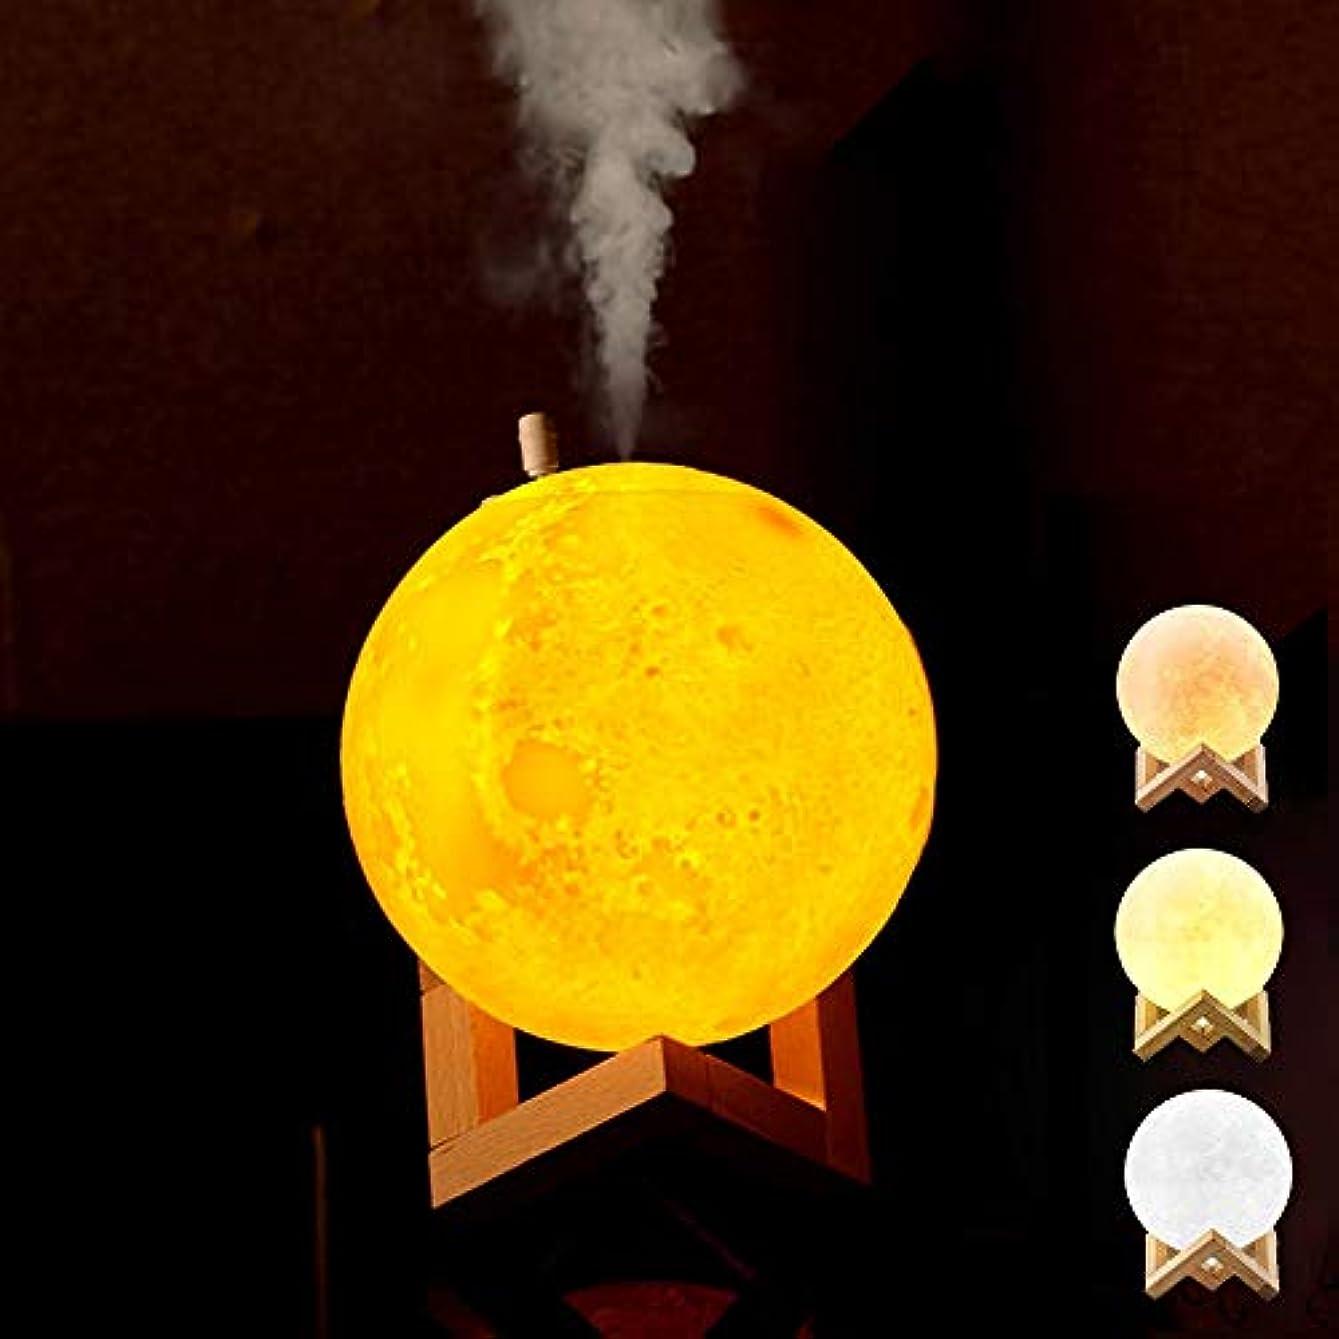 胸逸話彫刻家フルムーンランプ、LEDルナナイトライト880ml空気加湿器、ディフューザーアロマエッセンシャルオイル、加湿器ナイトクールミストピュリファイアーUSB充電付き木製ホルダー付き月光ギフト(13 cm)